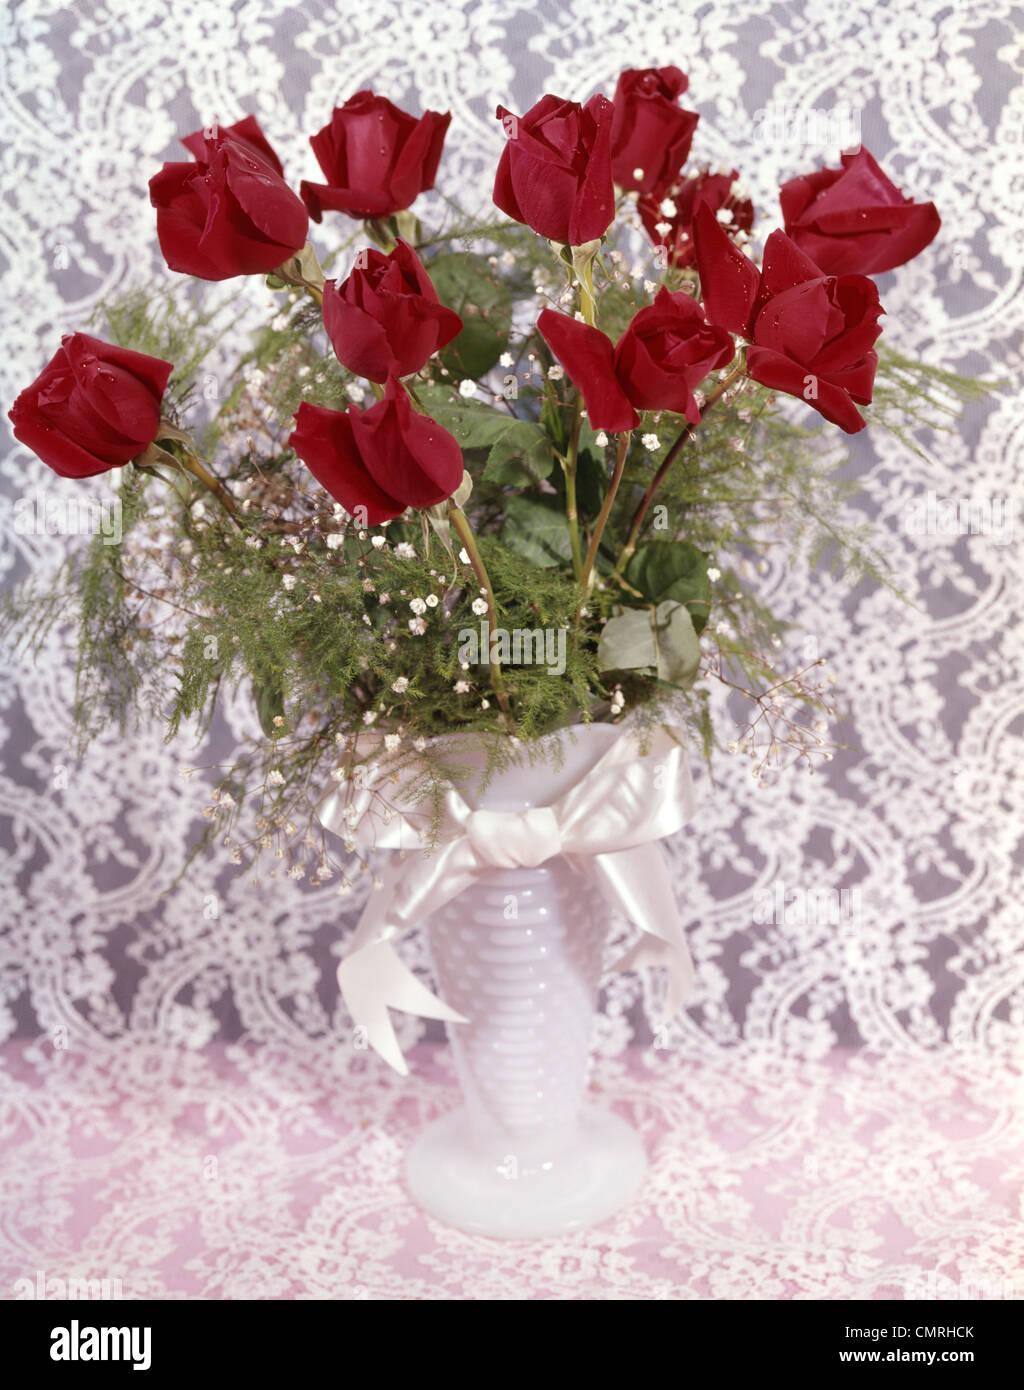 1960 1970 BODEGÓN Ramo de Rosas Rojas la respiración del bebé en jarrón blanco sobre blanco Imagen De Stock